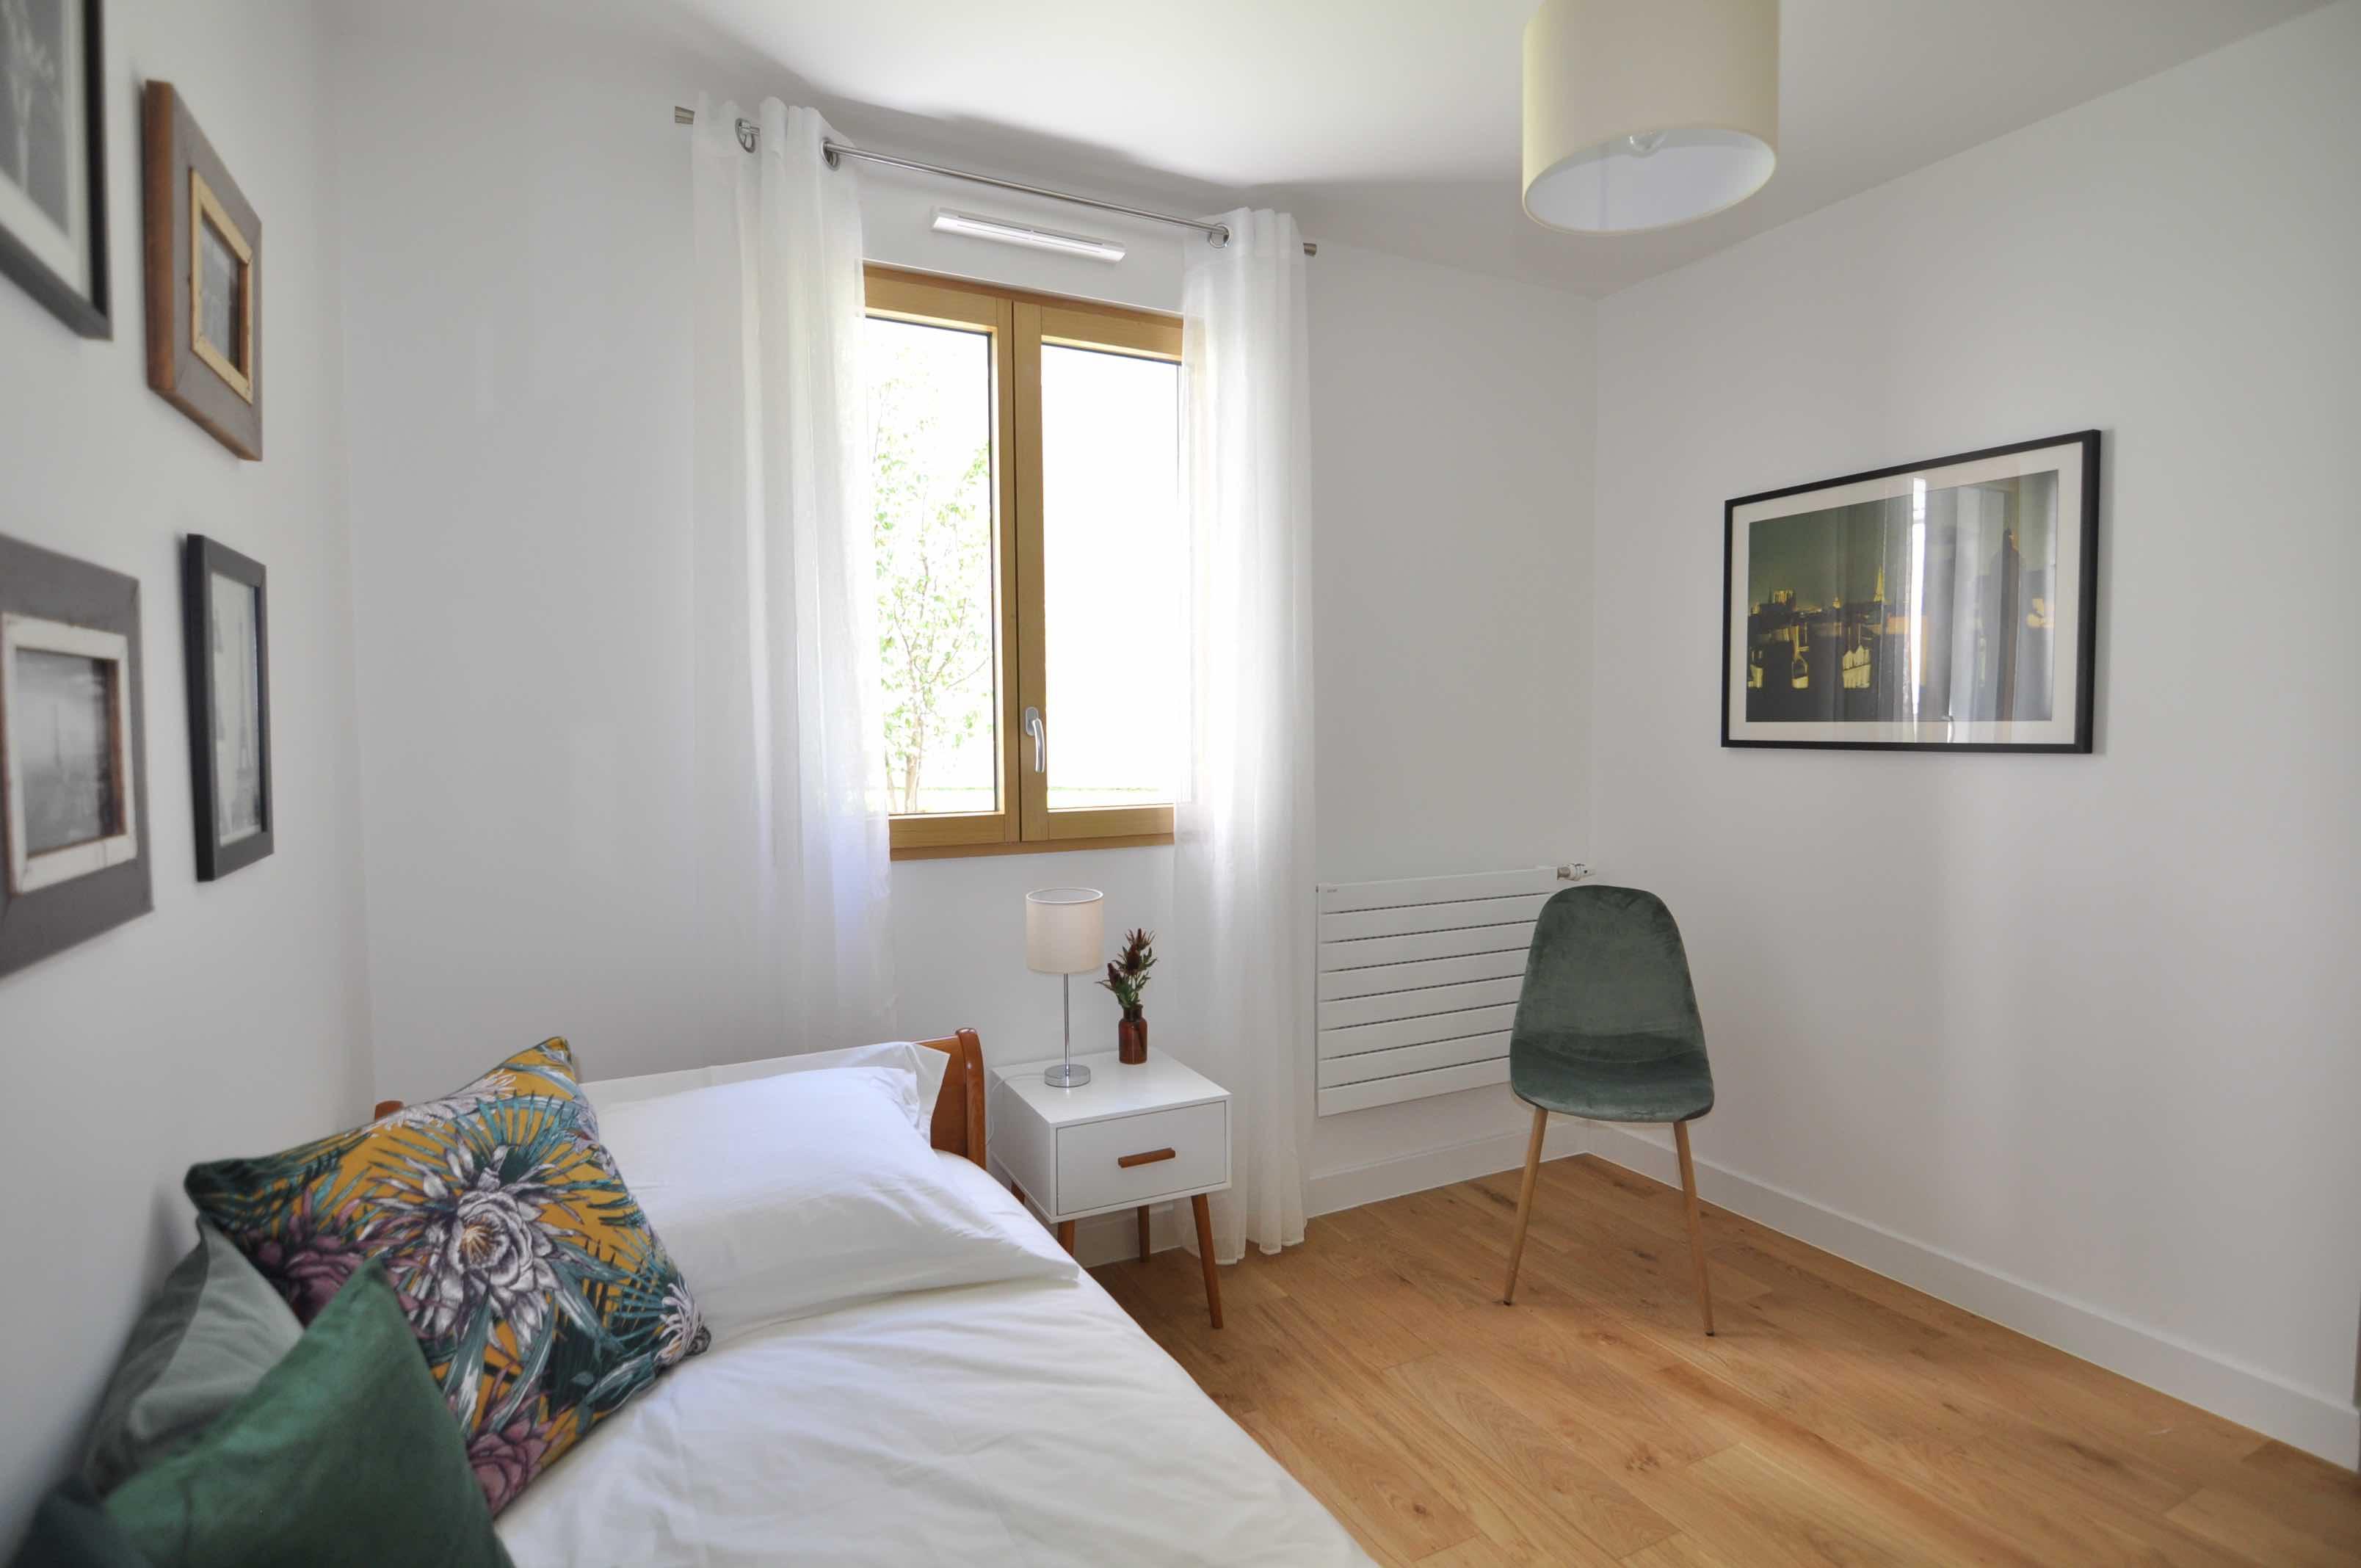 Bedroom n°3